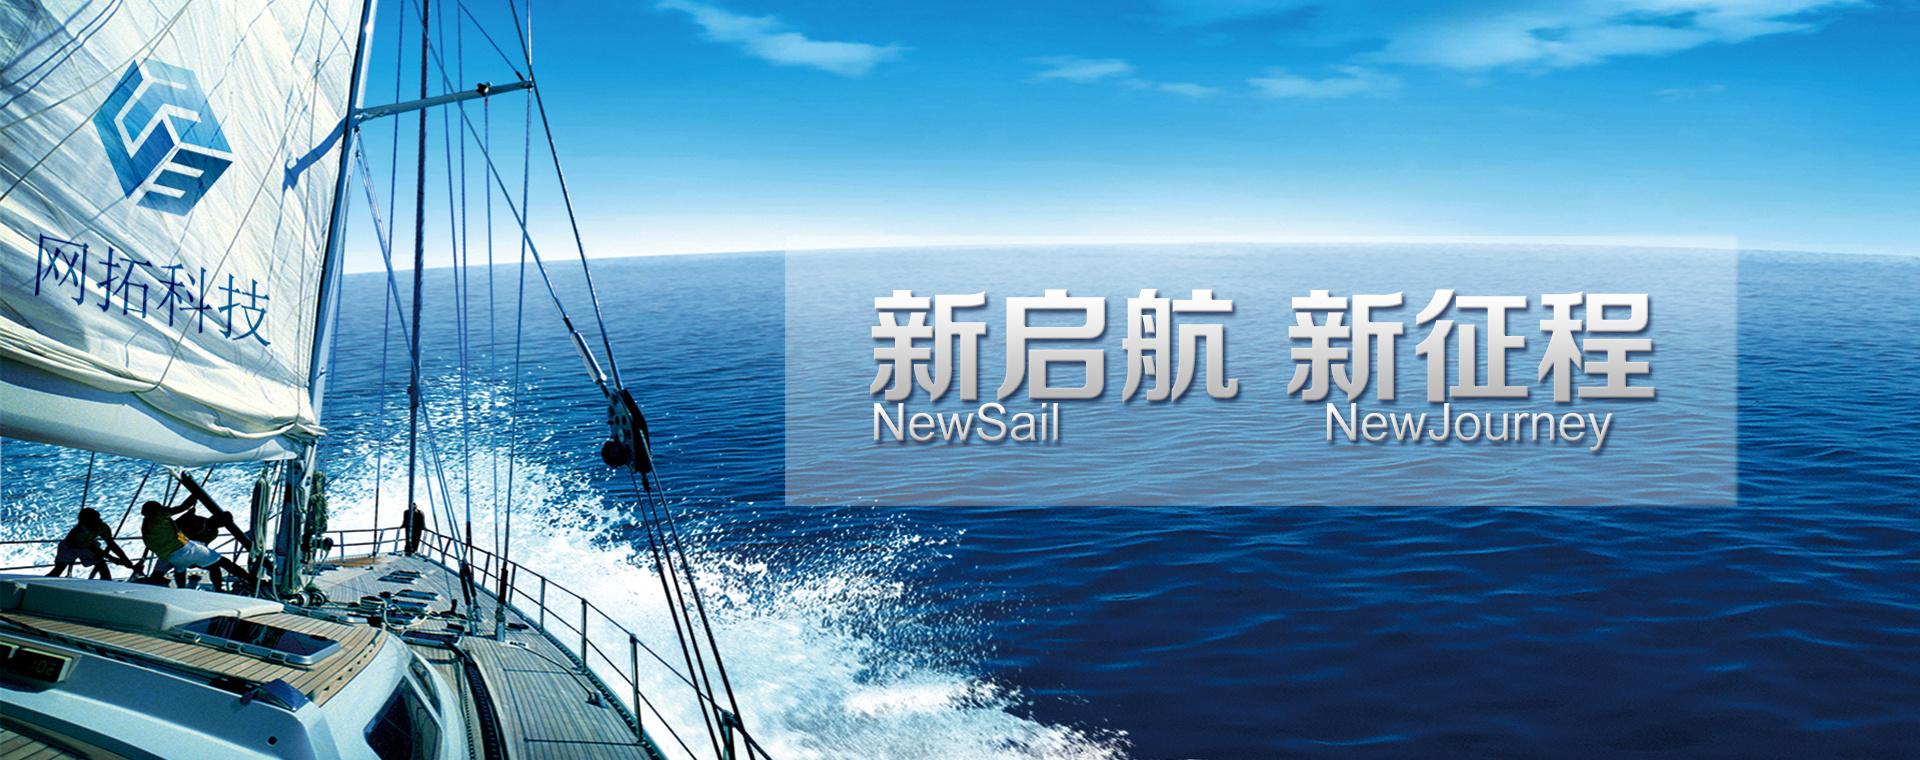 网站banner图